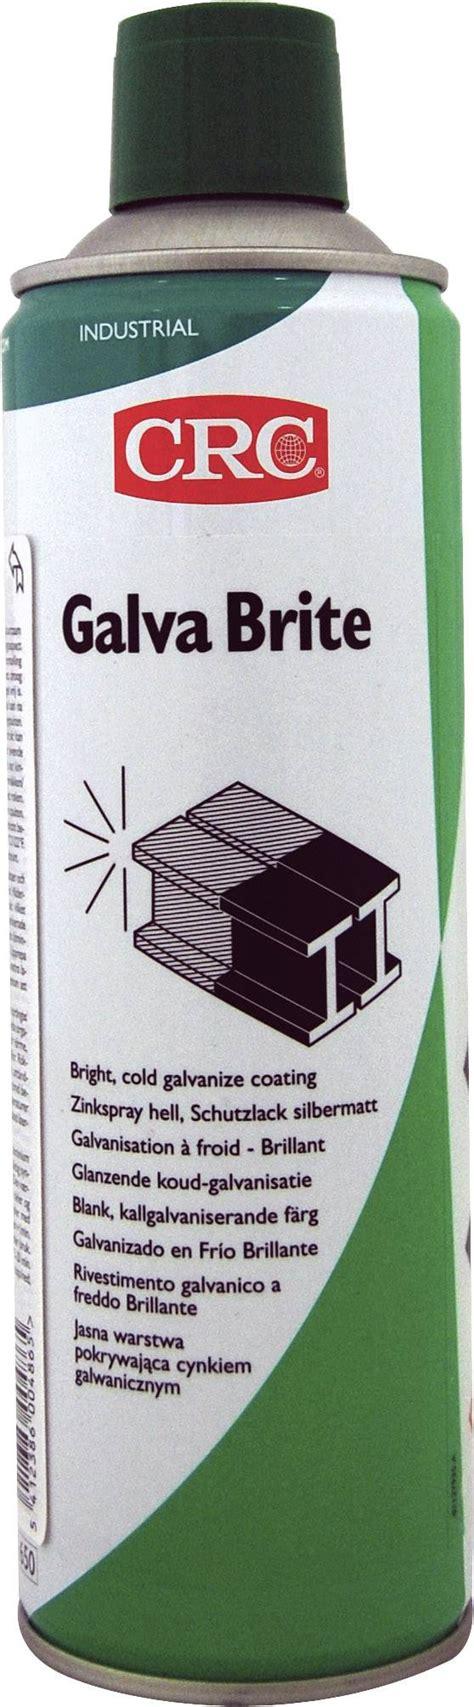 GALVA BRITE Zinco spray CRC 30423-AC 500 ml | Conrad.it